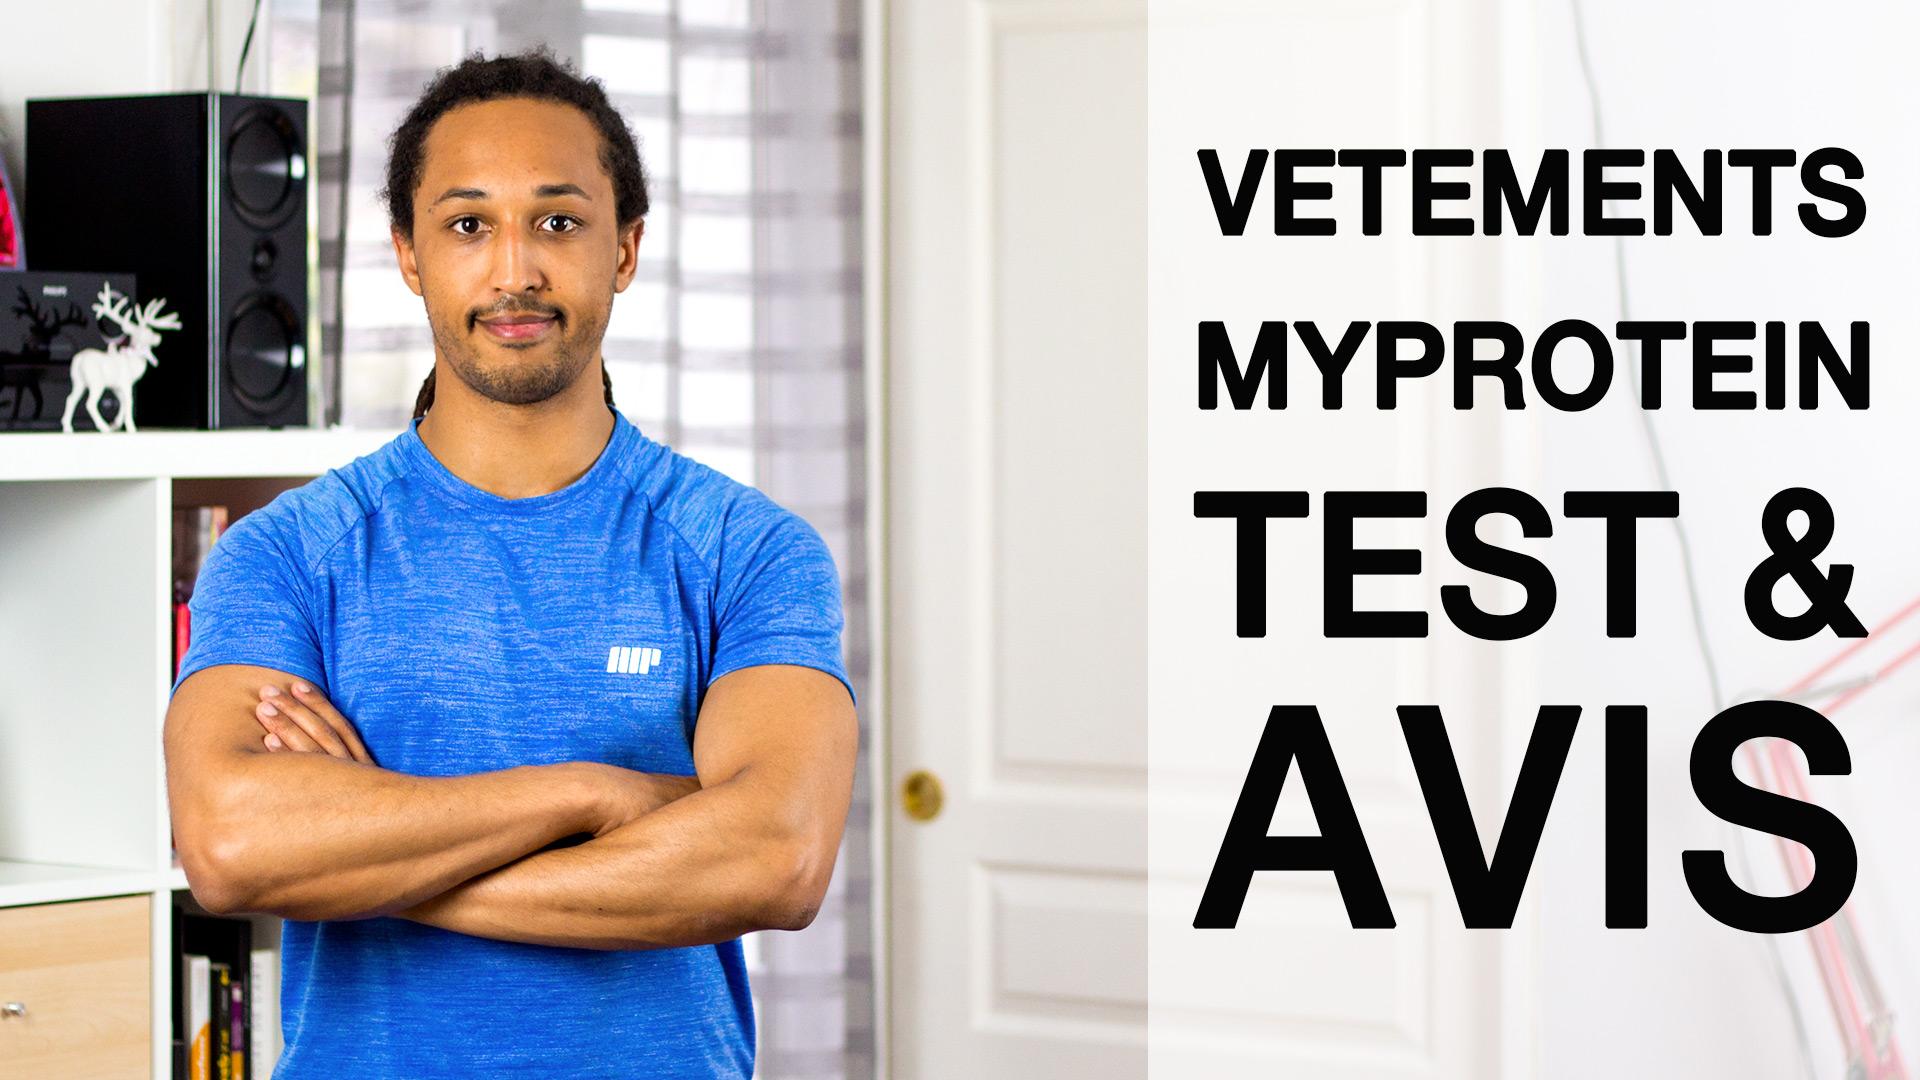 Vetements Myprotein - Test et Avis